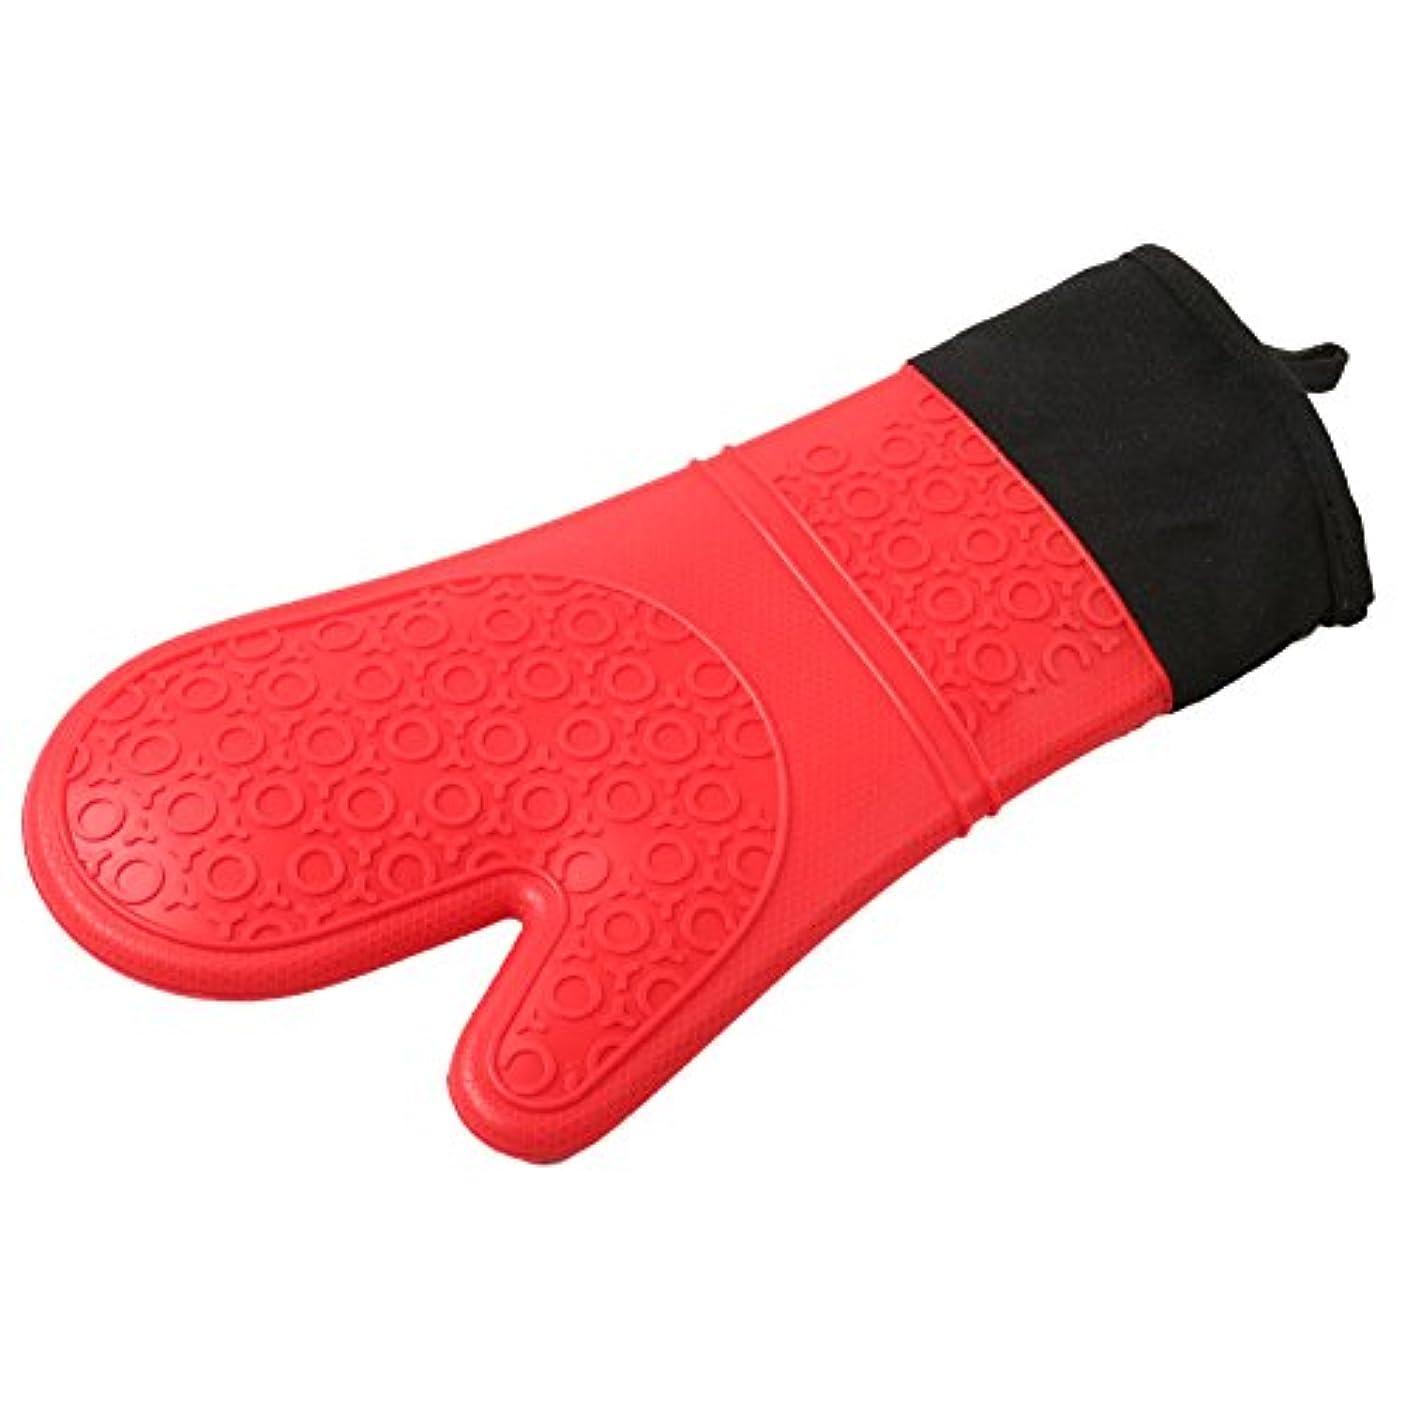 幸運降下貫通するOUYOU 耐熱グローブ シリコンチェック 耐熱温度300℃ キッチングローブ オーブンミトン シリコン手袋 滑り止め クッキング用 フリーサイズ 2個セット